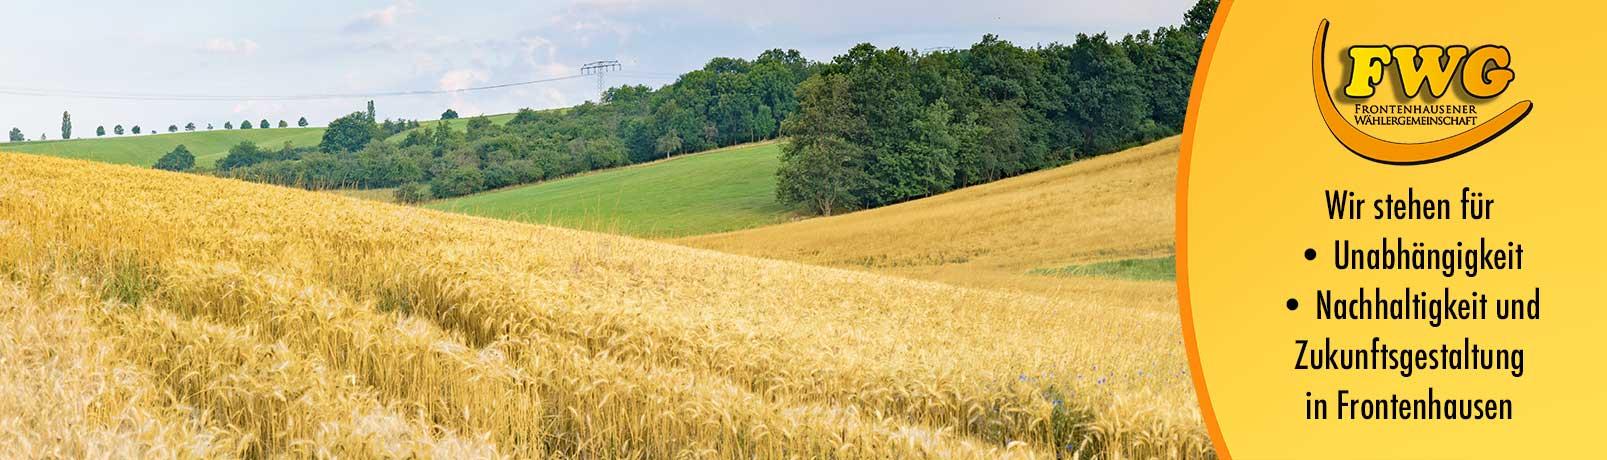 Gesunde Landwirtschaft und Waelder